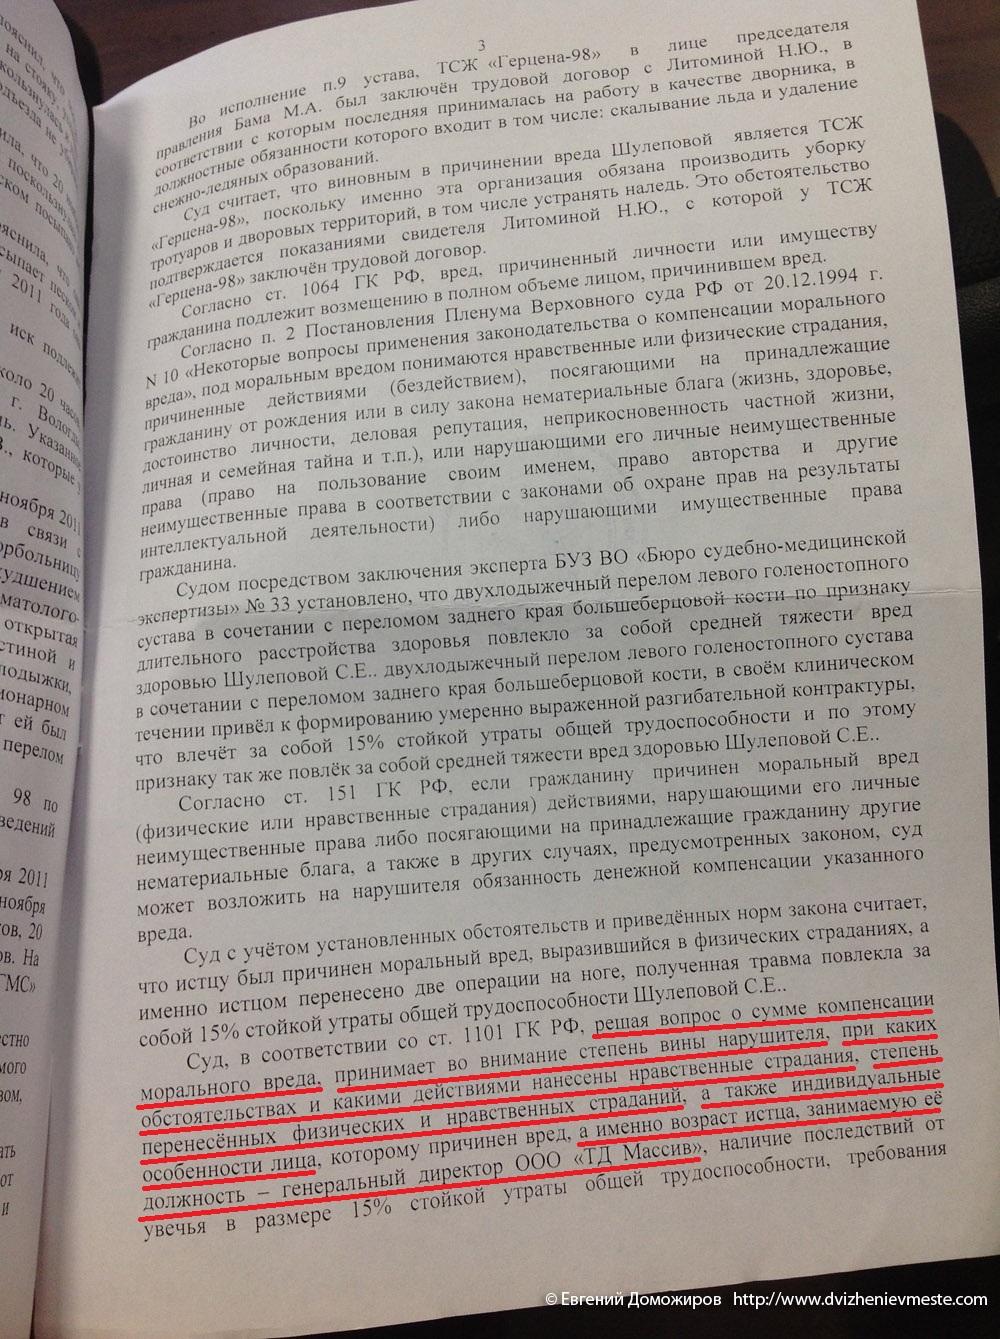 Индивидуальные особенности истца Шулеповой